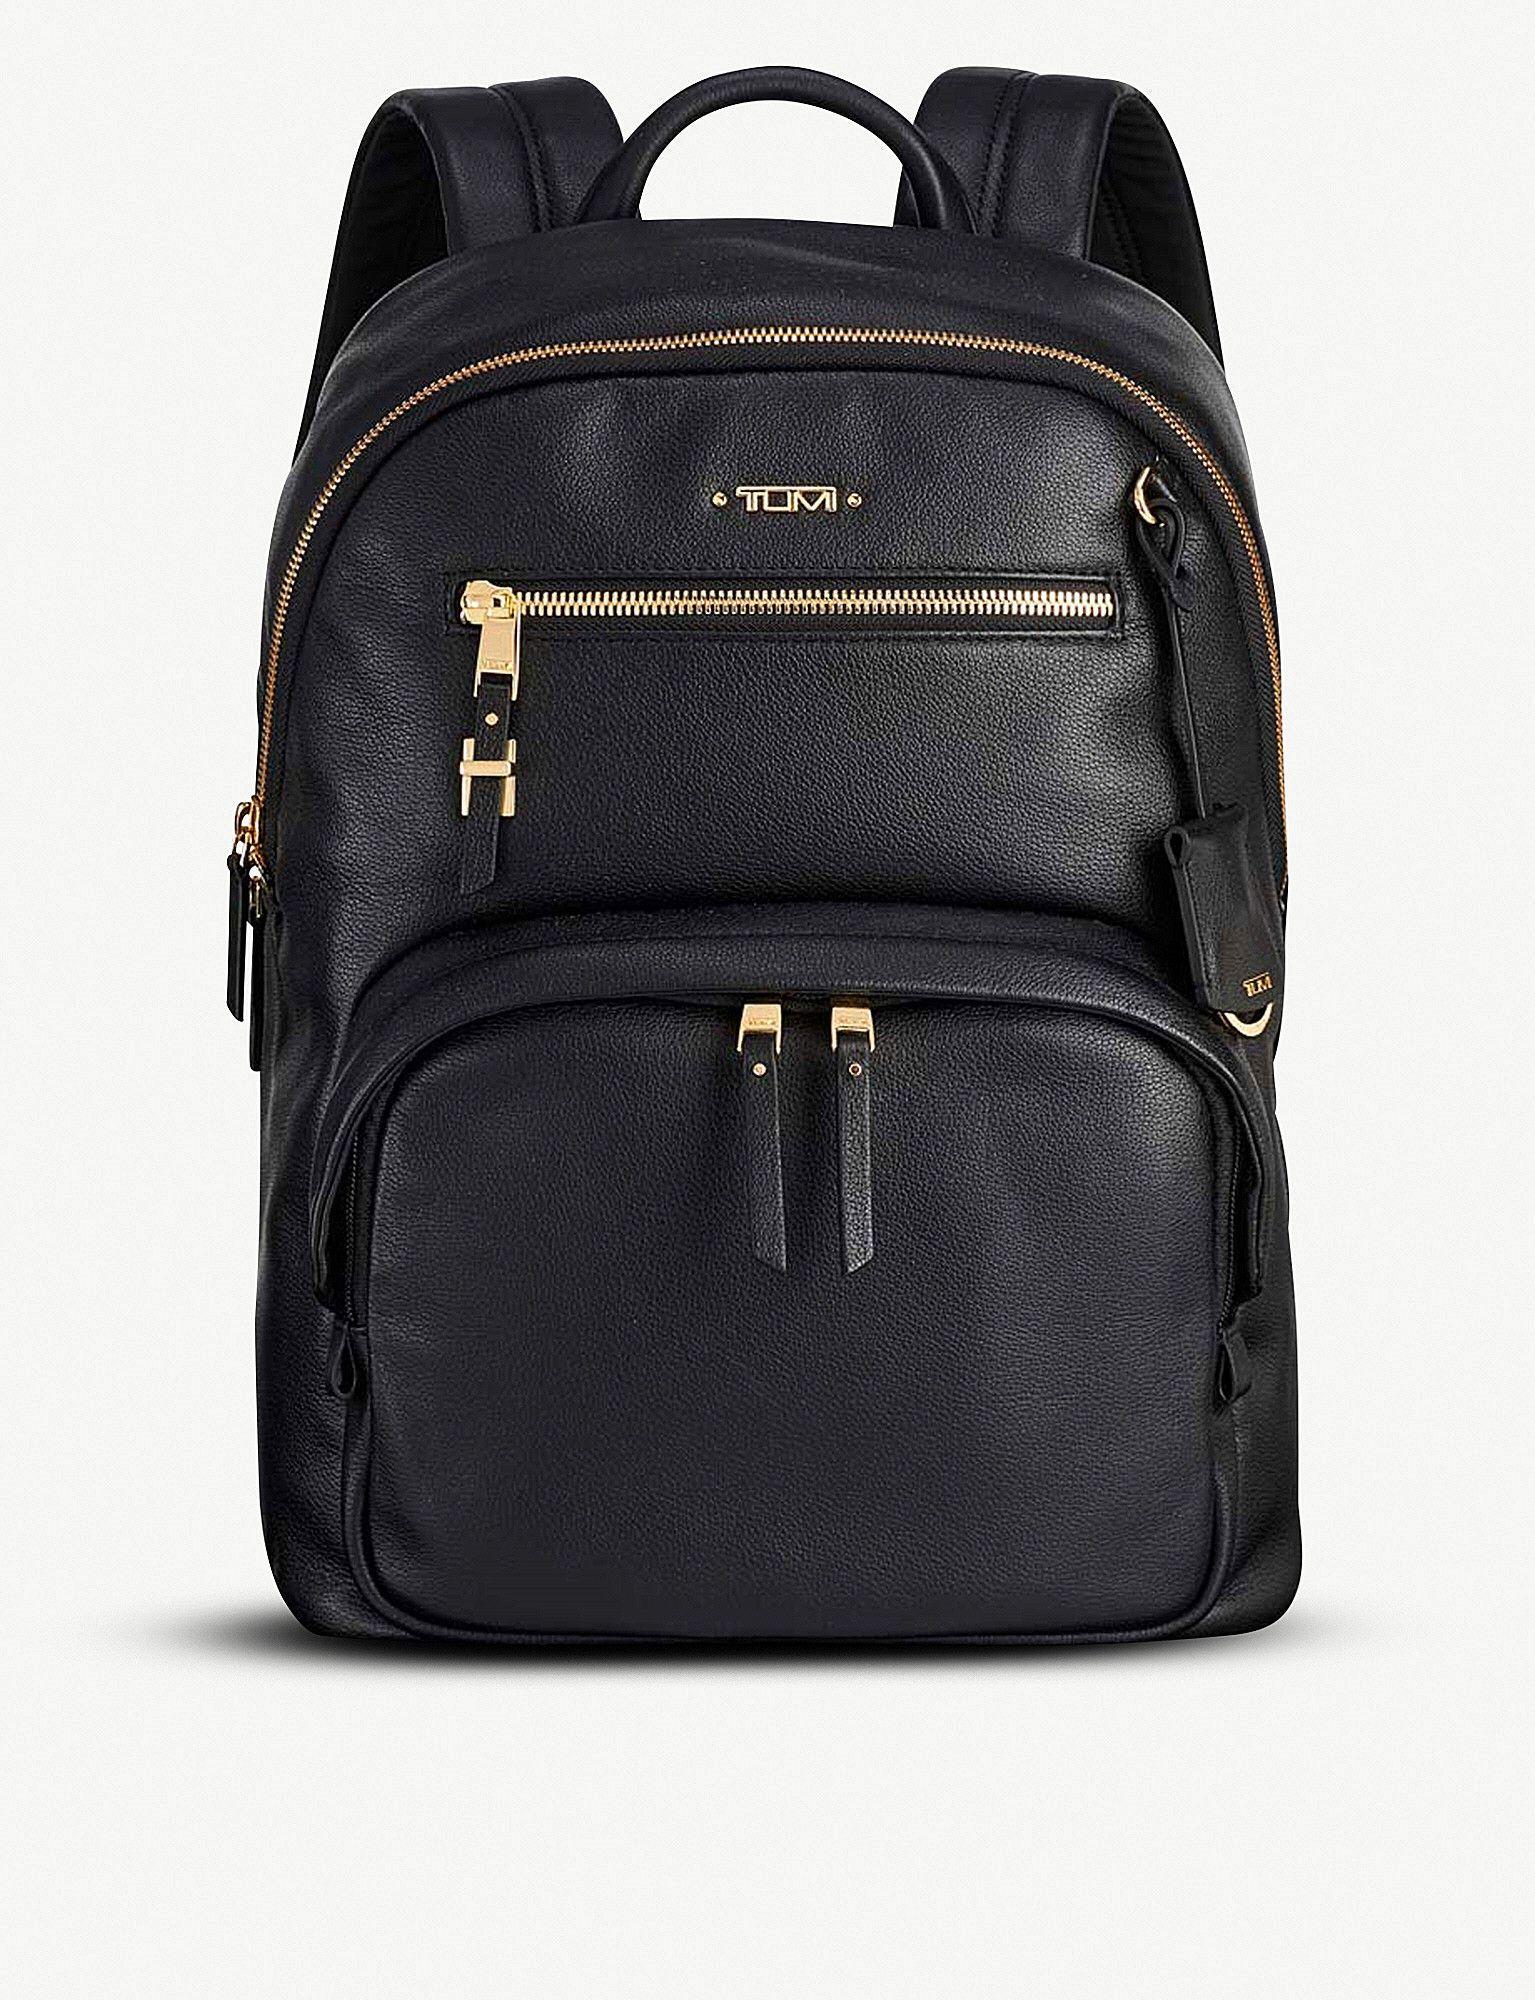 19c08e459d36 Best Leather Gym Bag